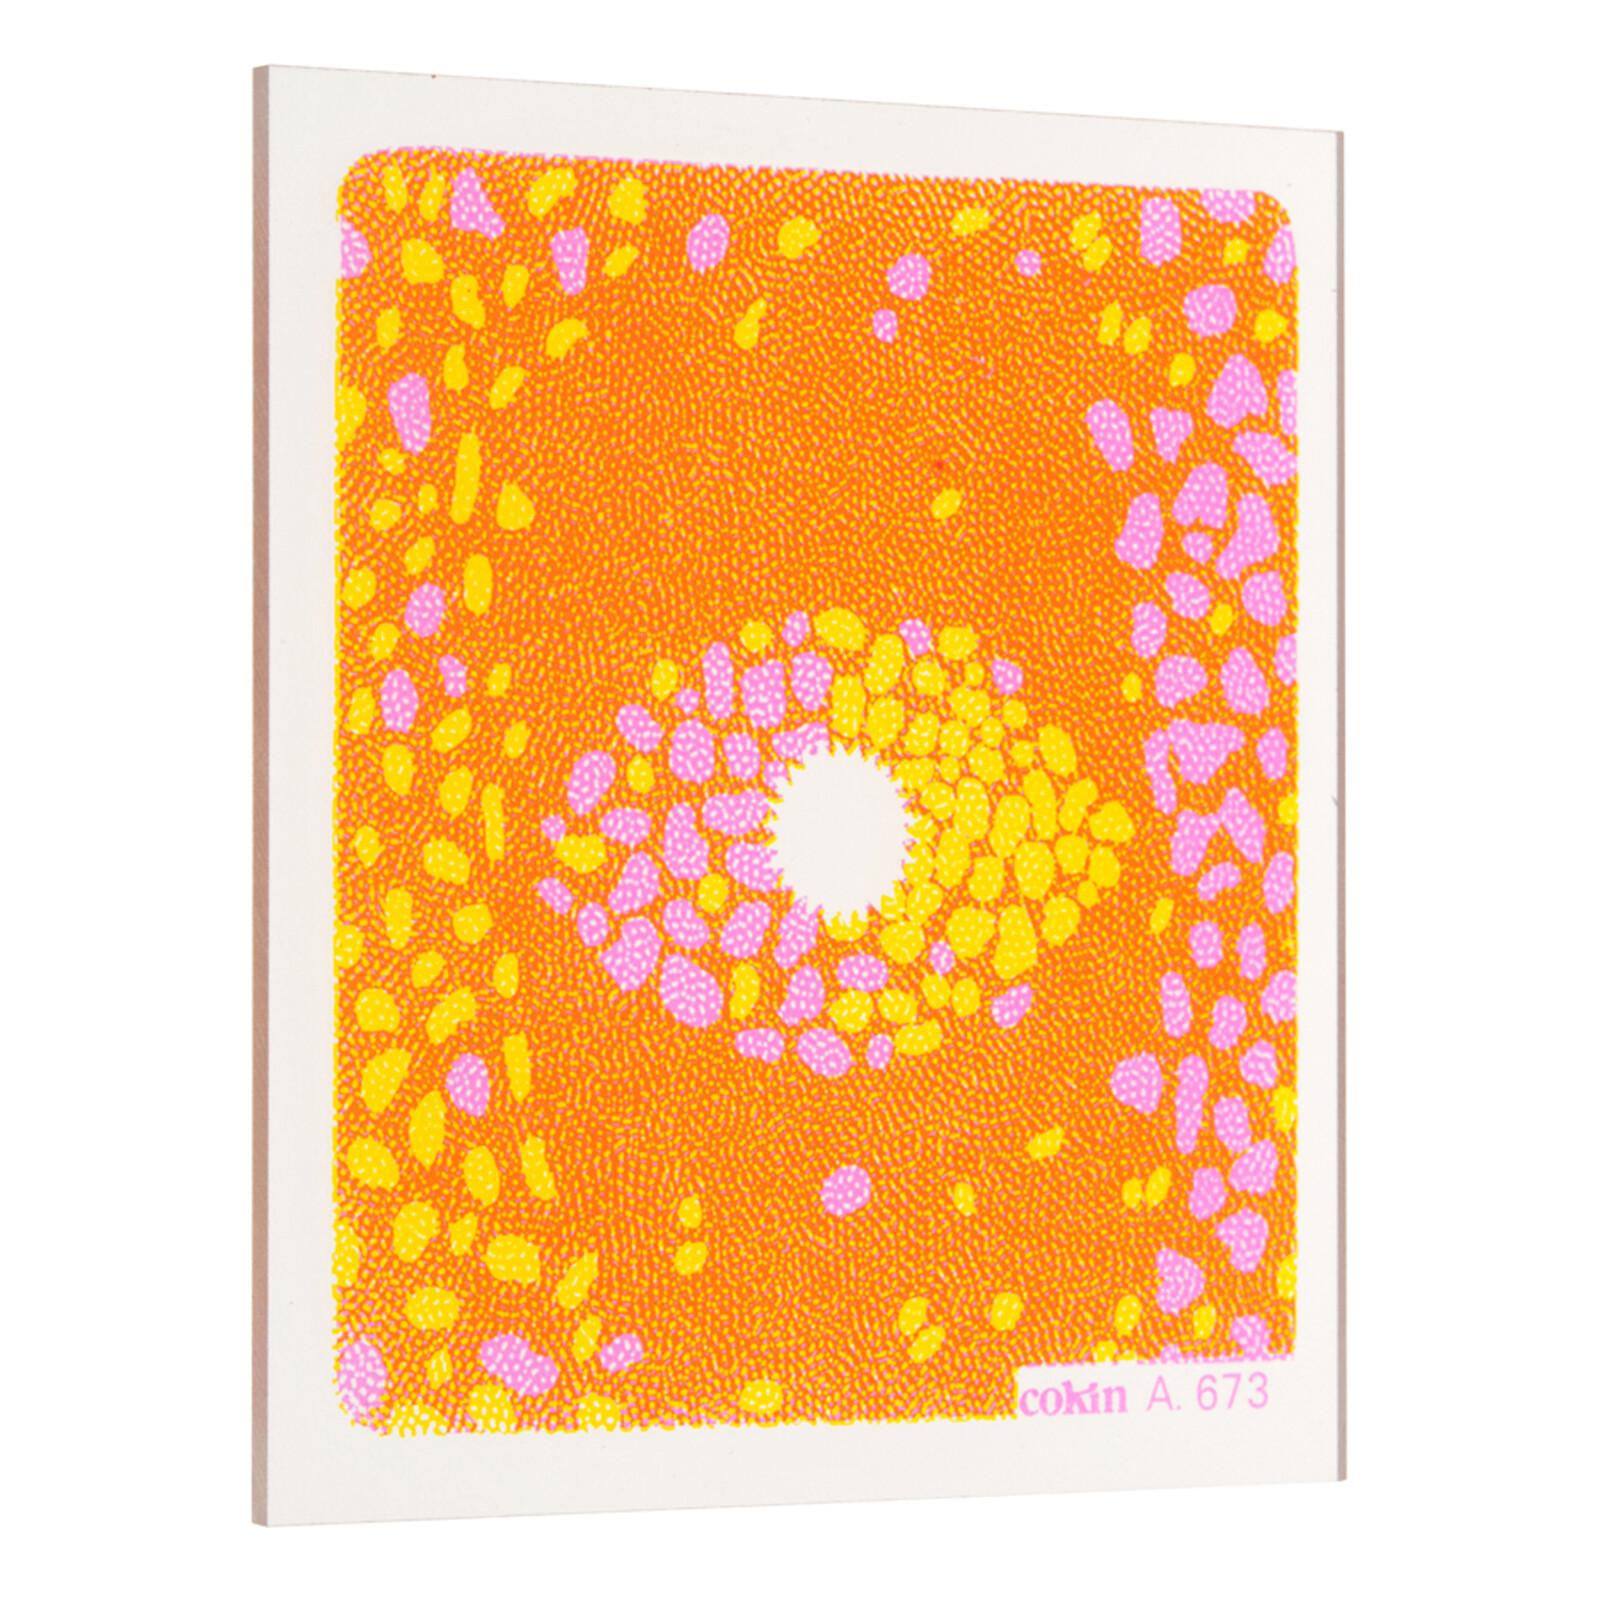 Cokin A673 Center Spot 2 Gelb/Pink